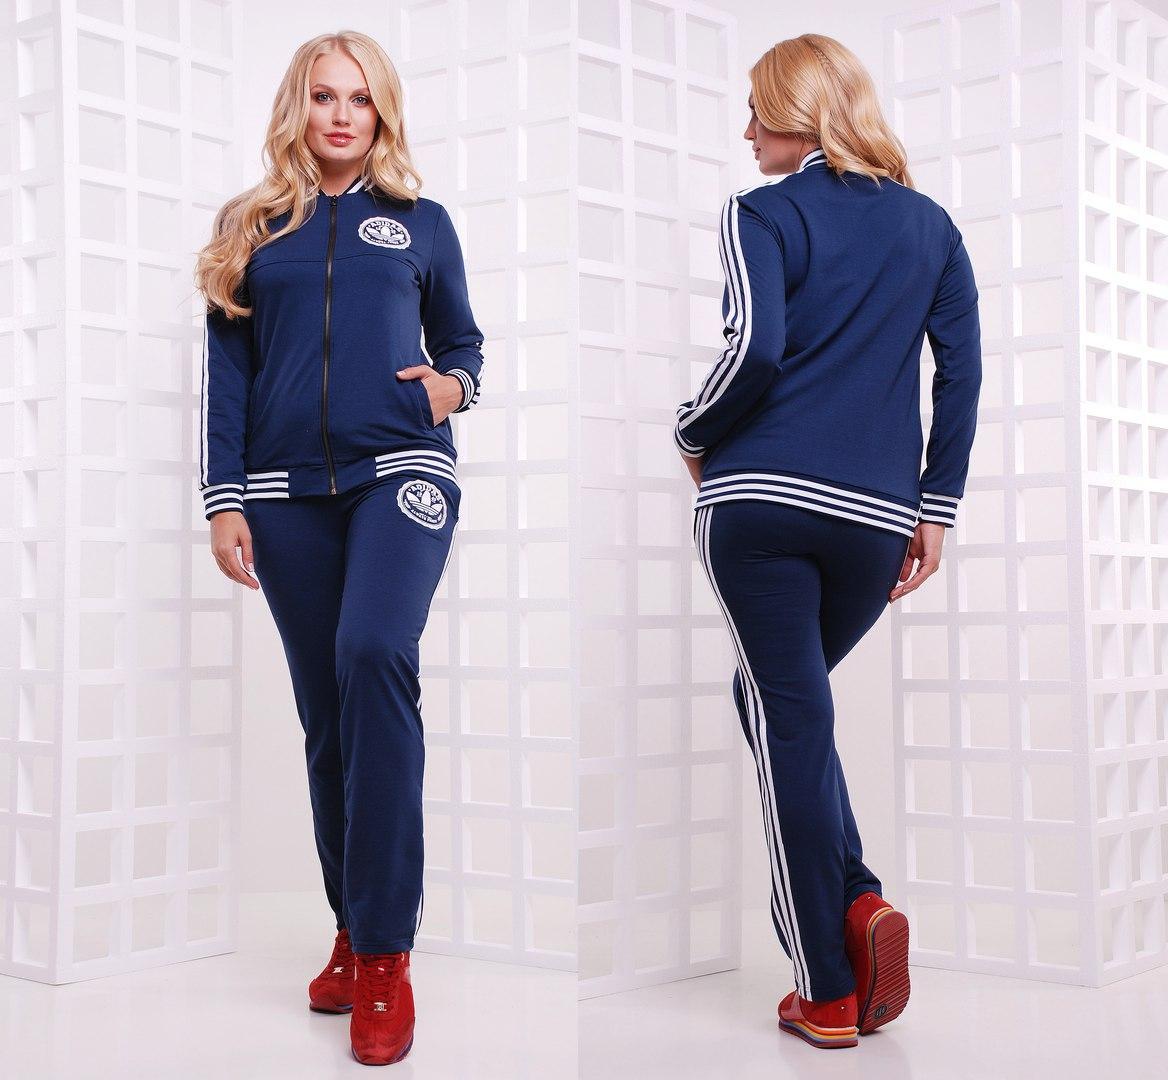 Женский спортивный костюм с лампасами штаны и куртка реплика Adidas серия он и она батальные размеры